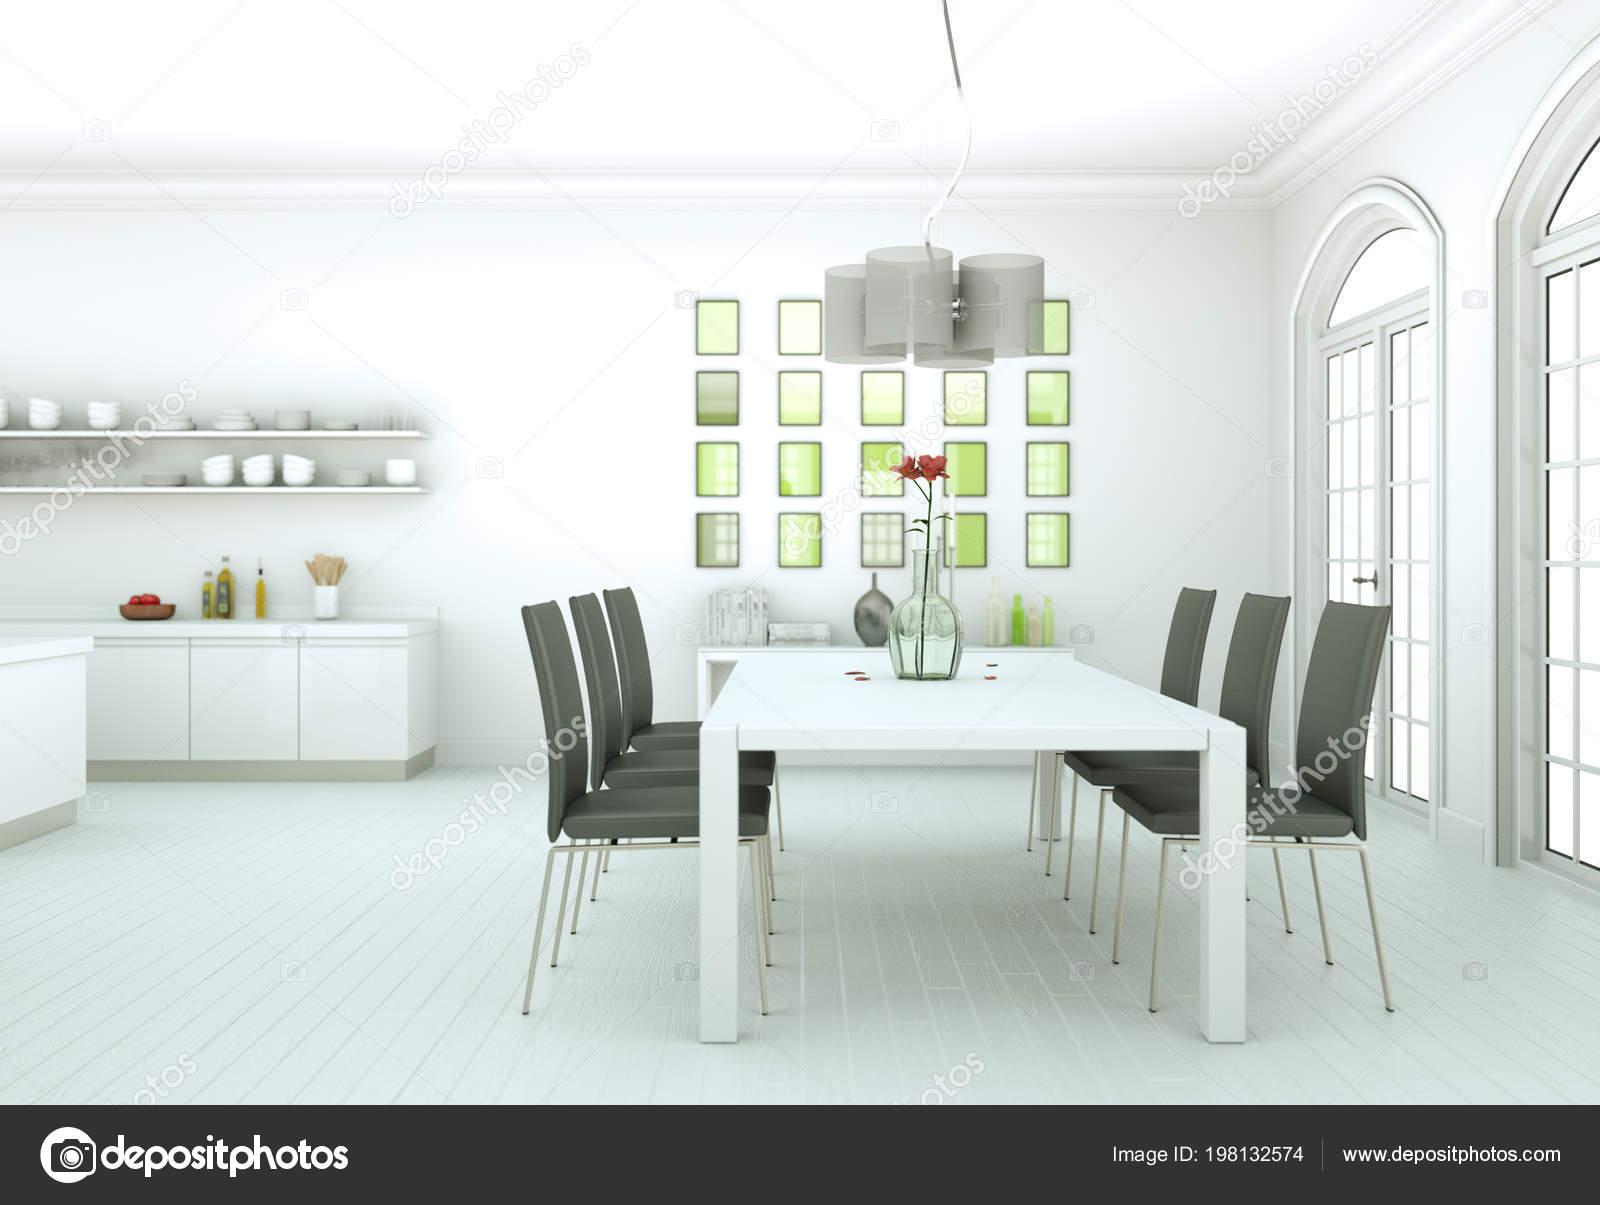 Salle à Manger Design Du0027intérieur En Appartement Moderne Illustration 3d U2014  Image De Virtua73